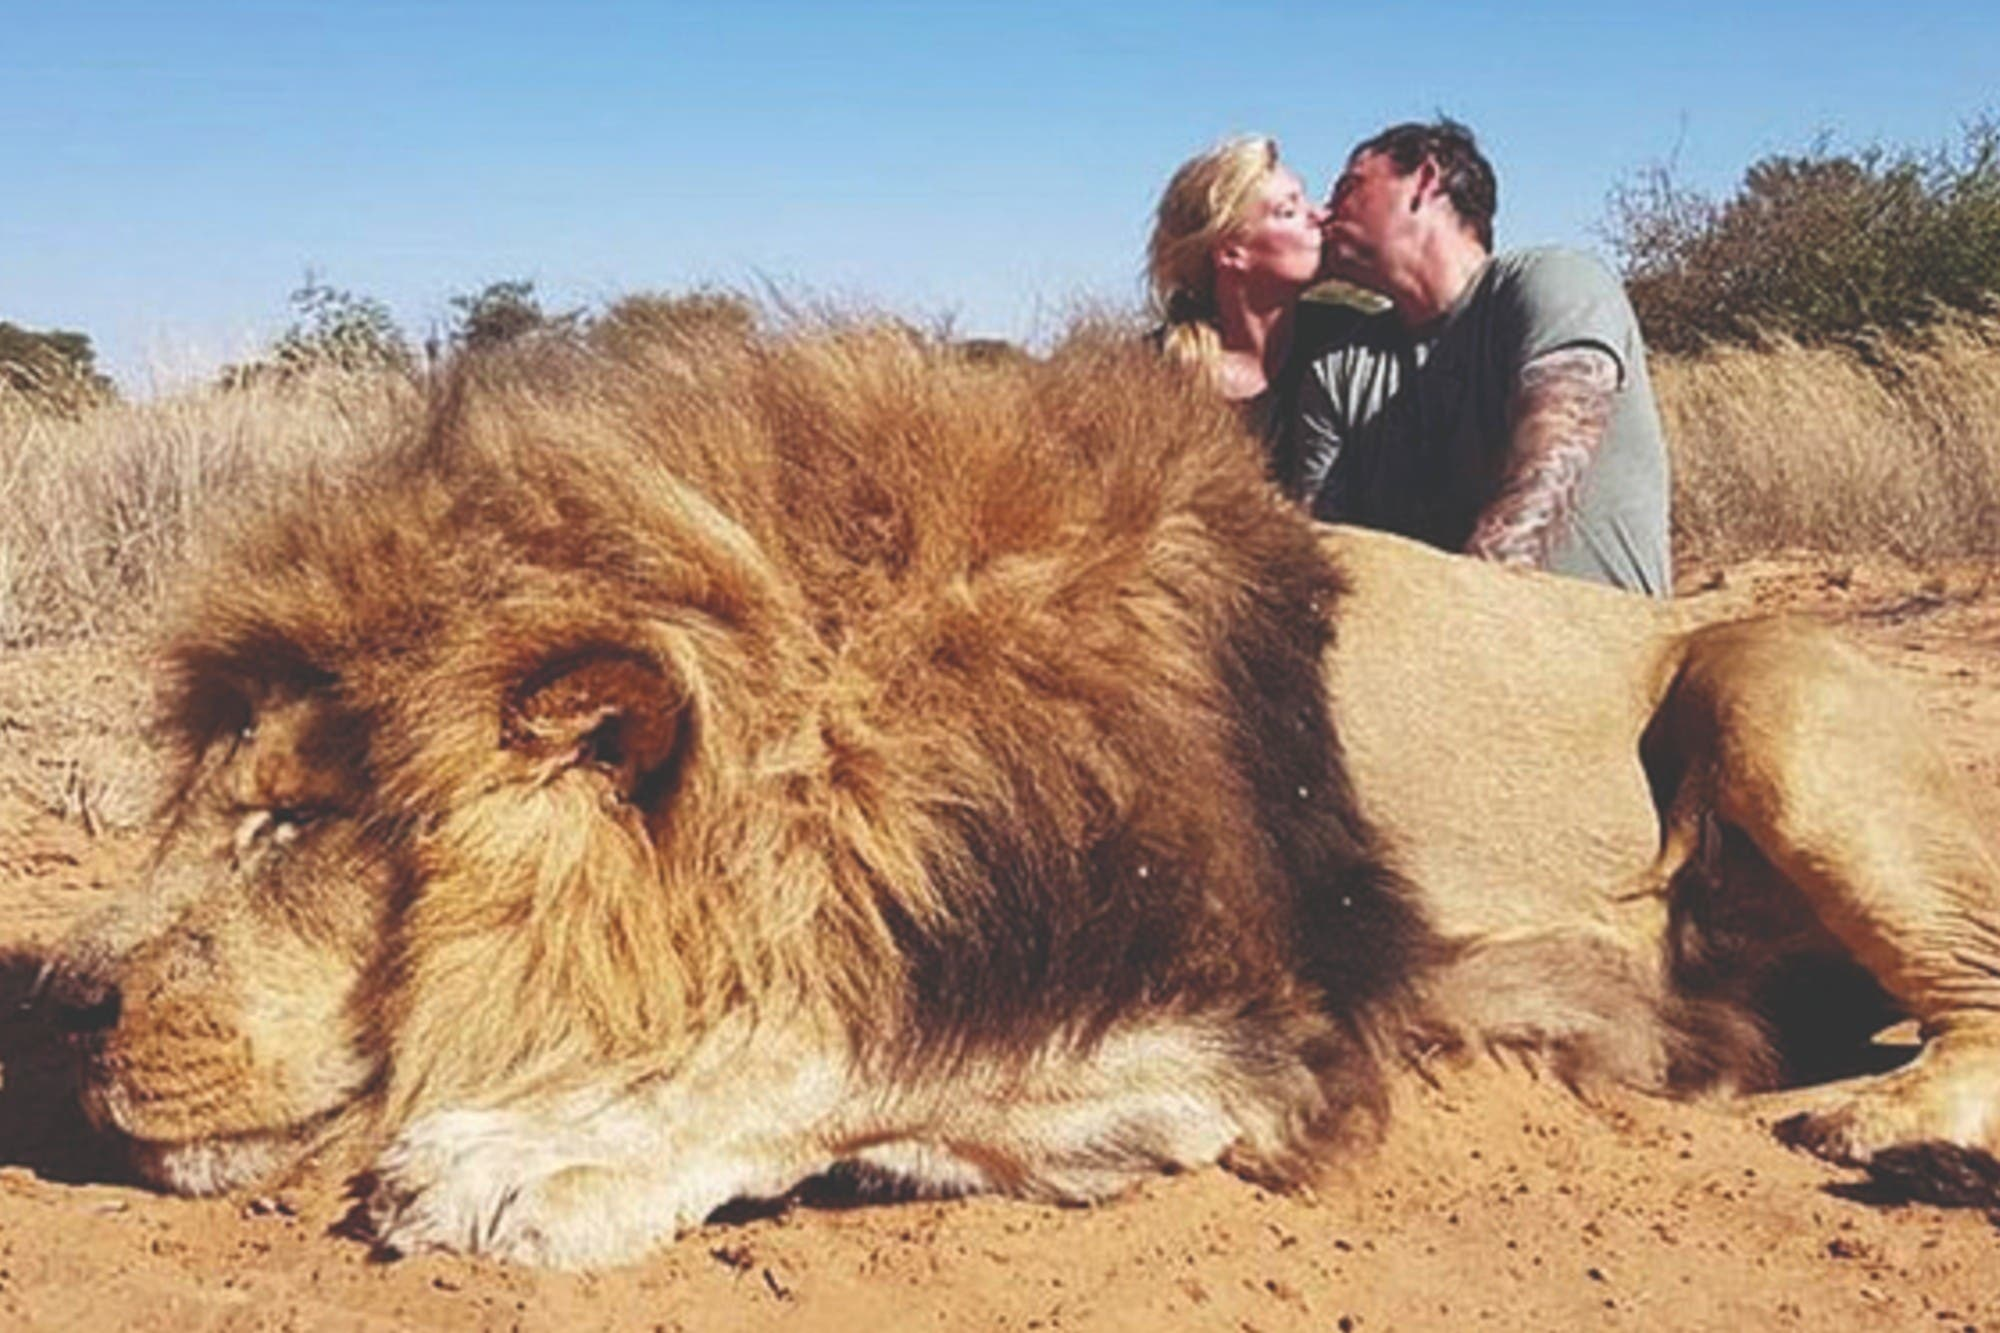 Crueldad animal: crían 12.000 leones en cautiverio para ser cazados por turistas